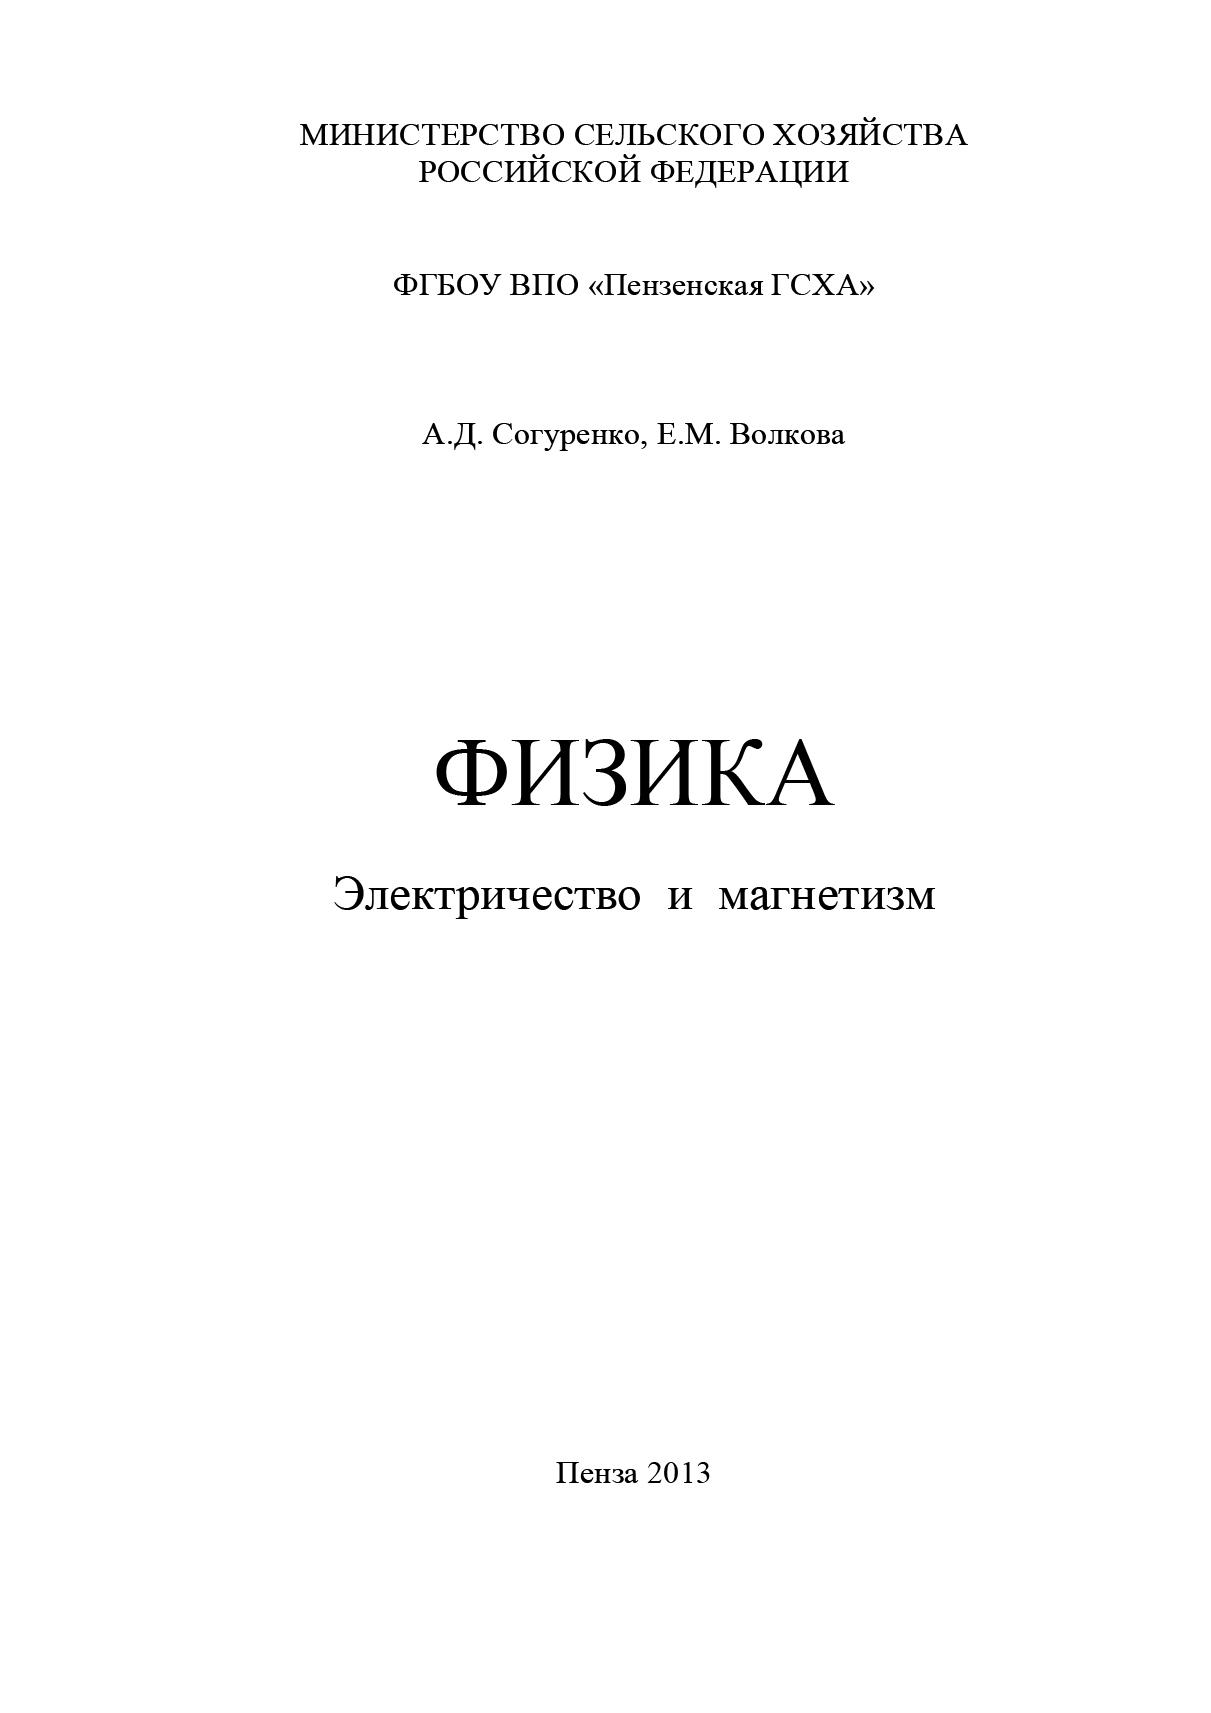 Елена Волкова Физика. Электричество и магнетизм